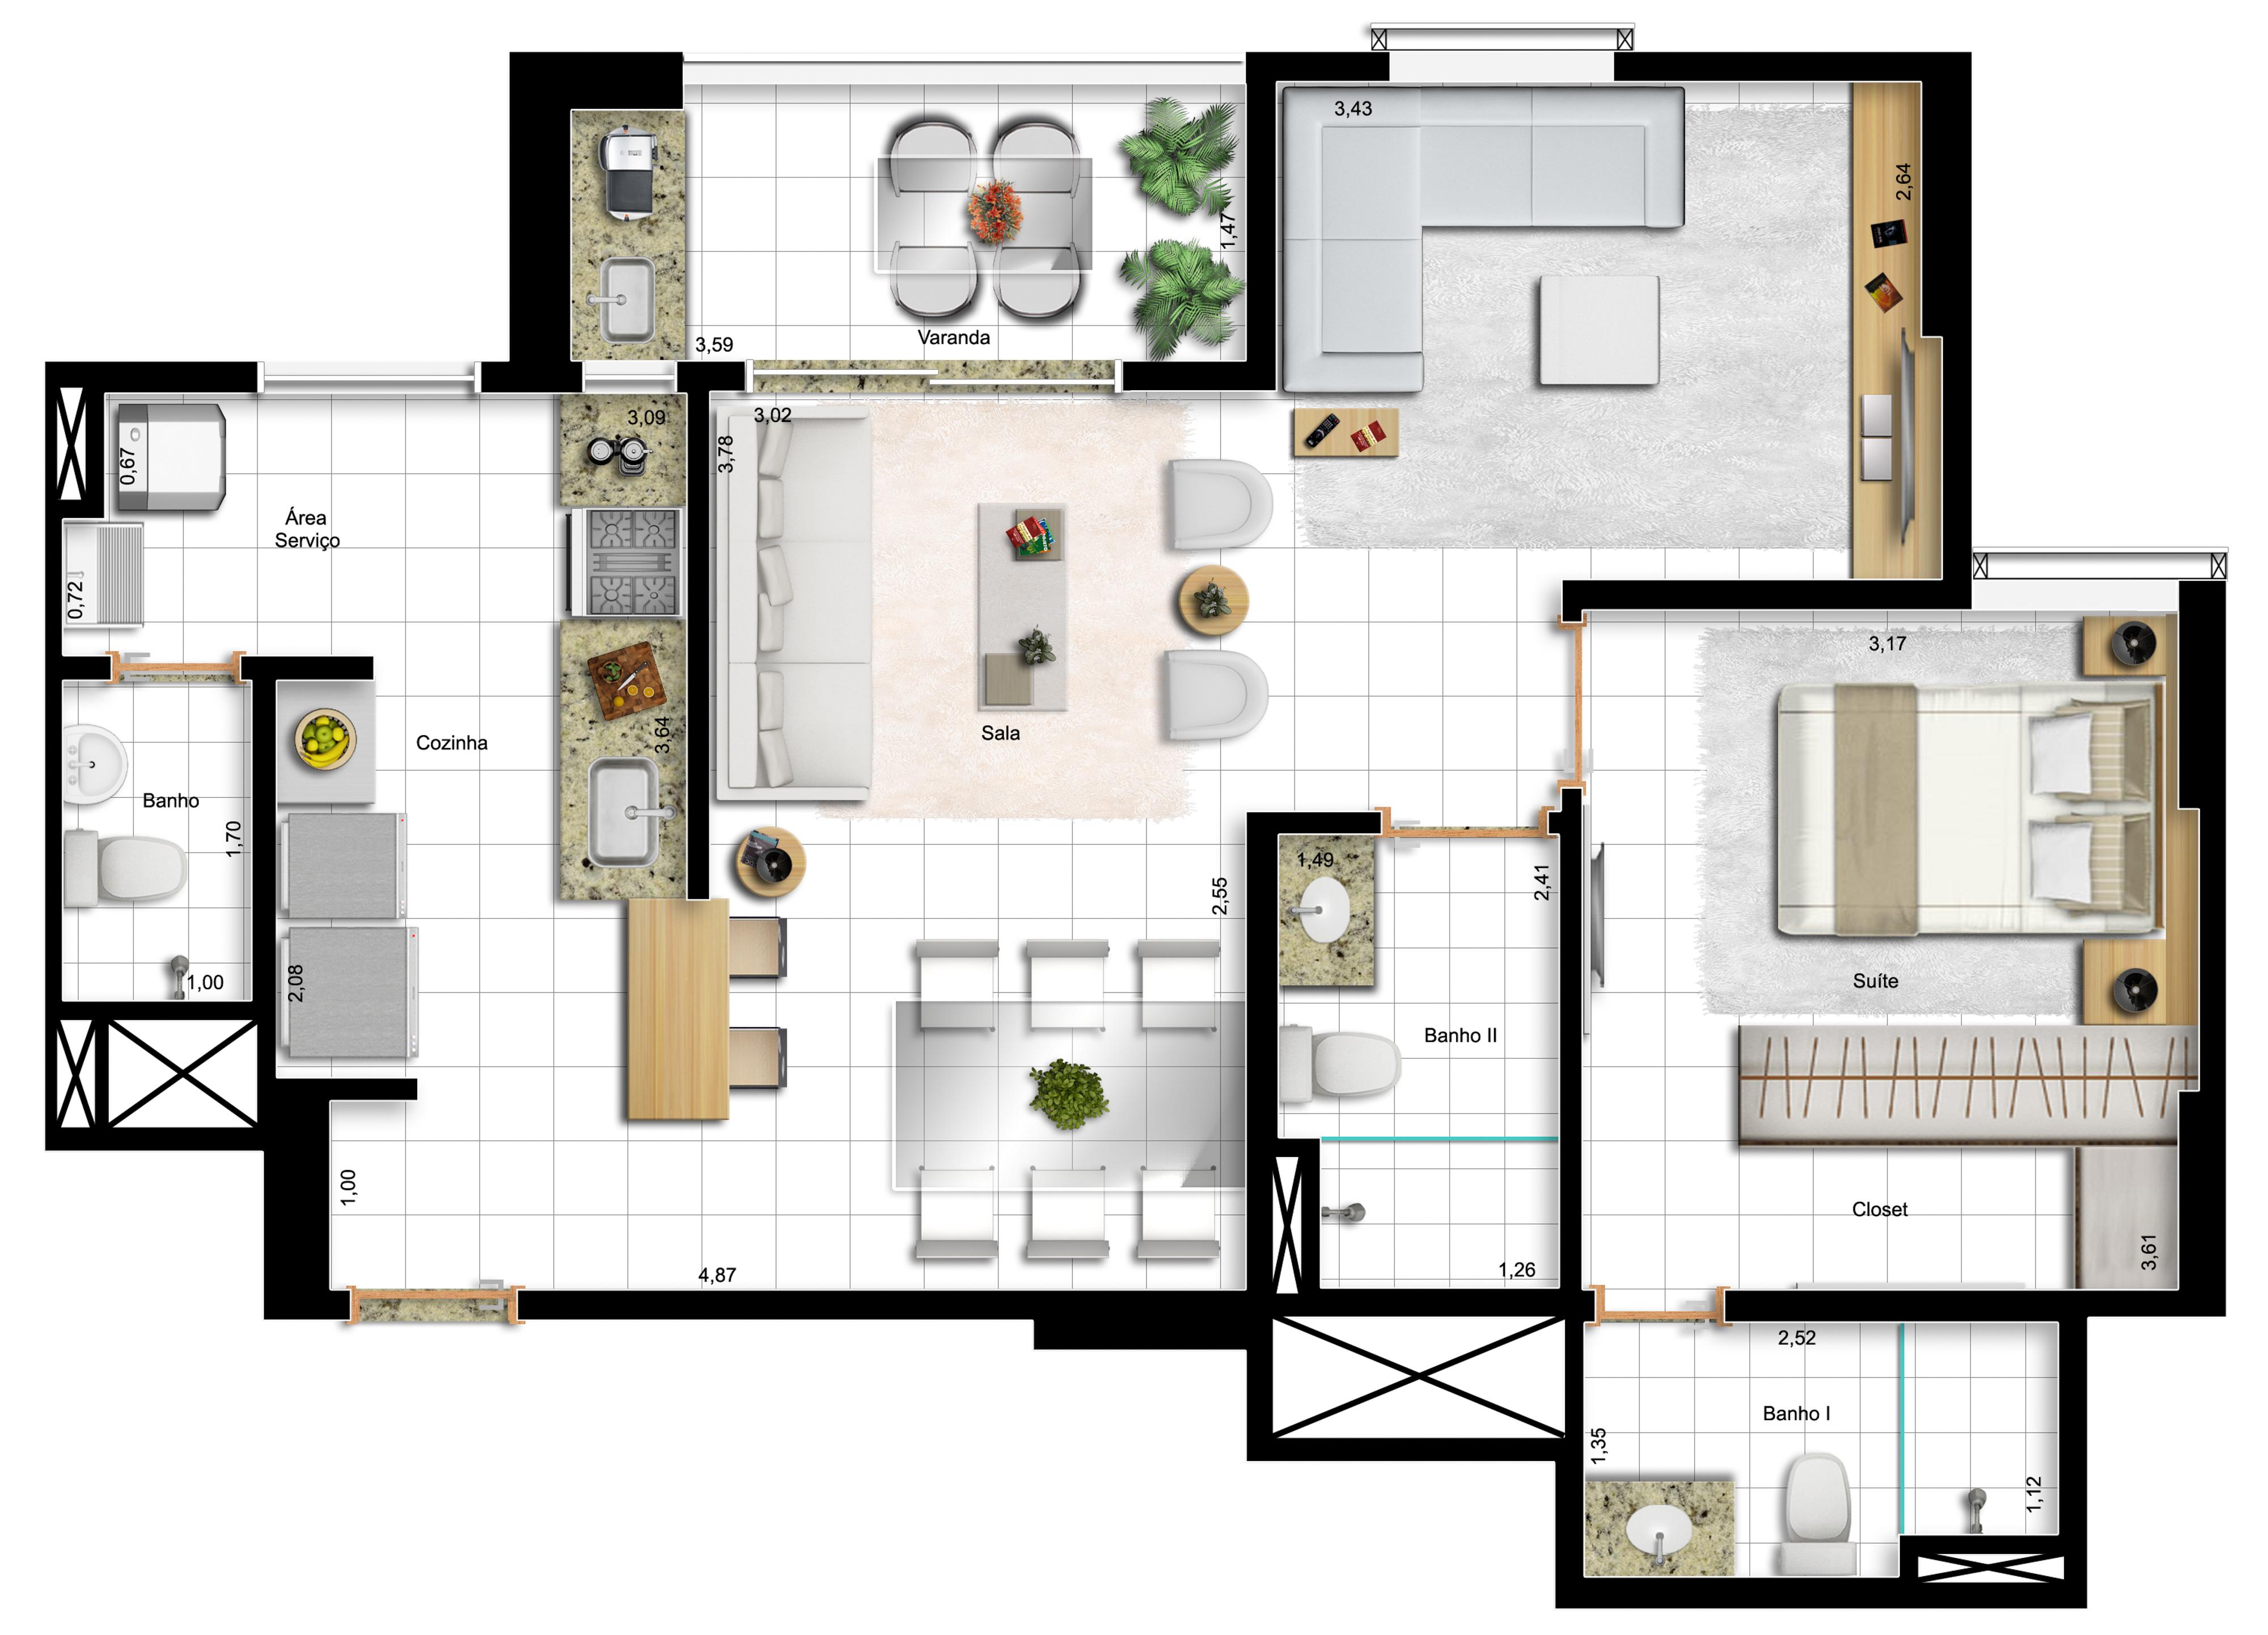 73,10m² 1 suíte - final 3 -opção com sala ampliada e cozinha americana